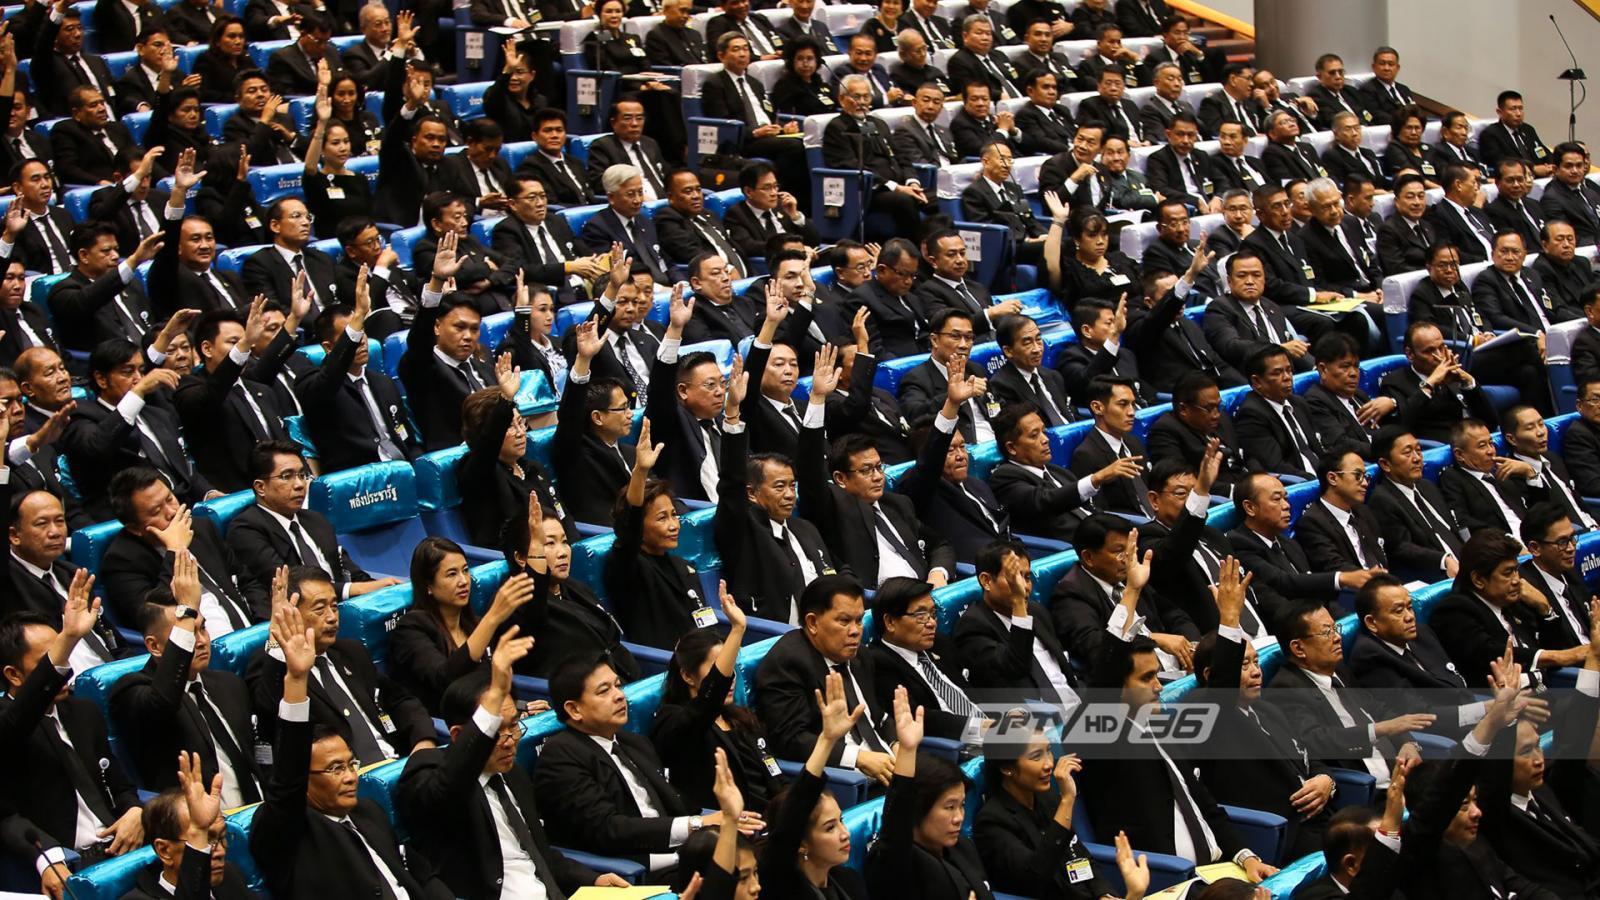 ปชป. วางขุนพล อภิปรายนโยบายรัฐบาล เน้น ปัญหาปากท้องประชาชน